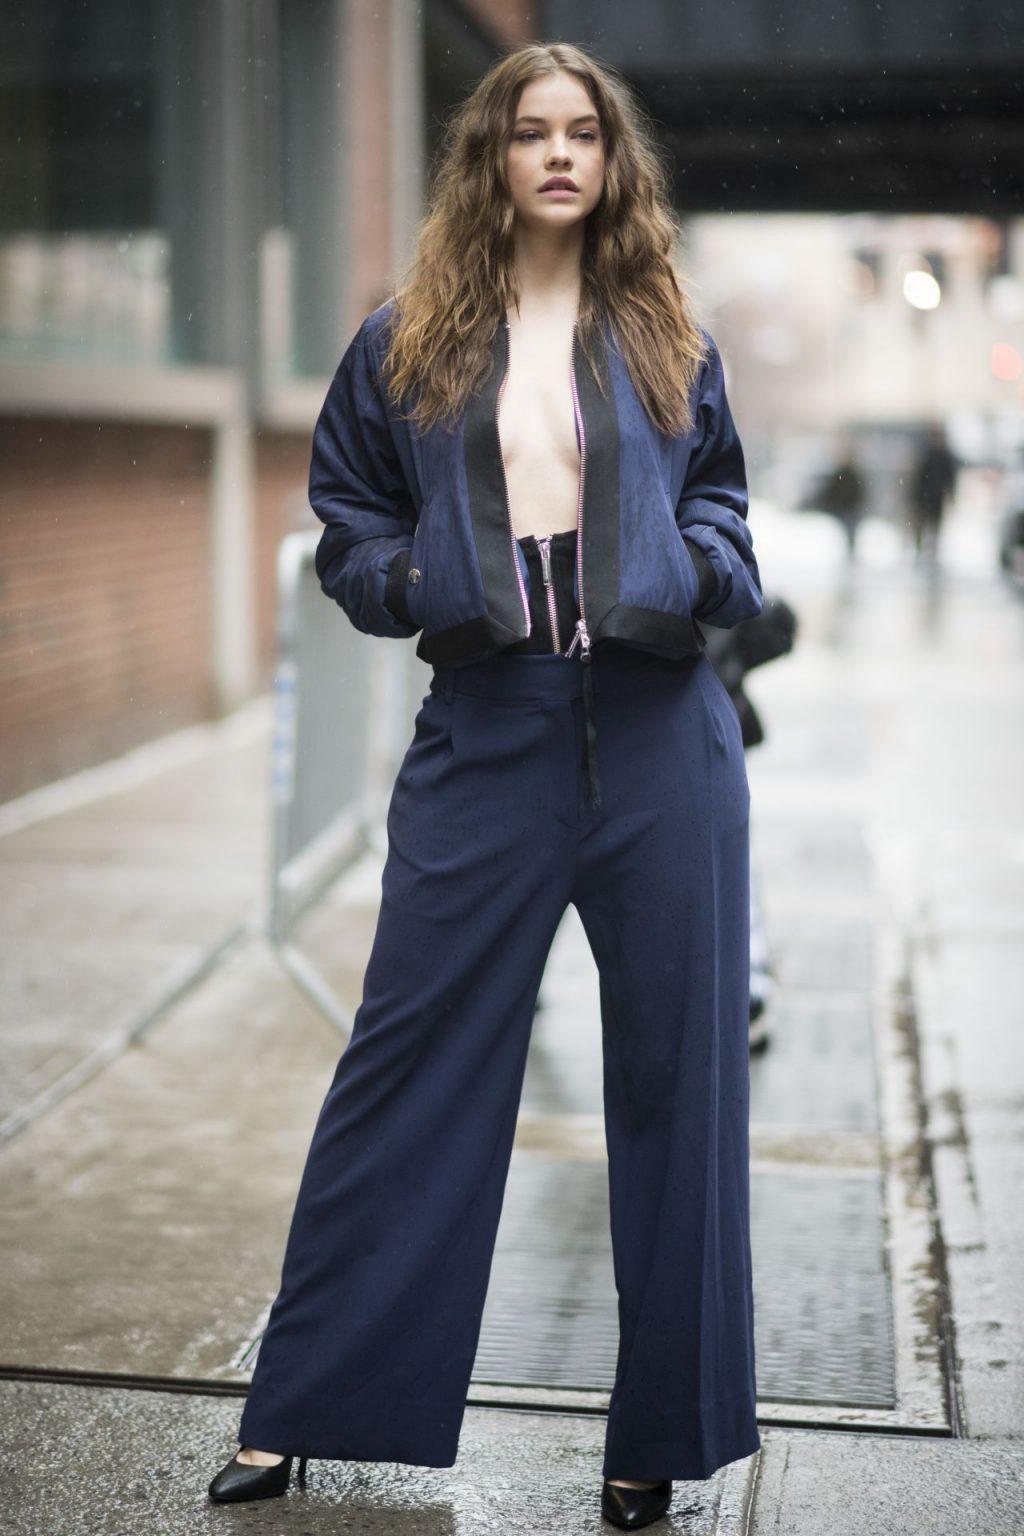 phong cách thời trang đầy lôi cuốn của Barbara Palvin 4